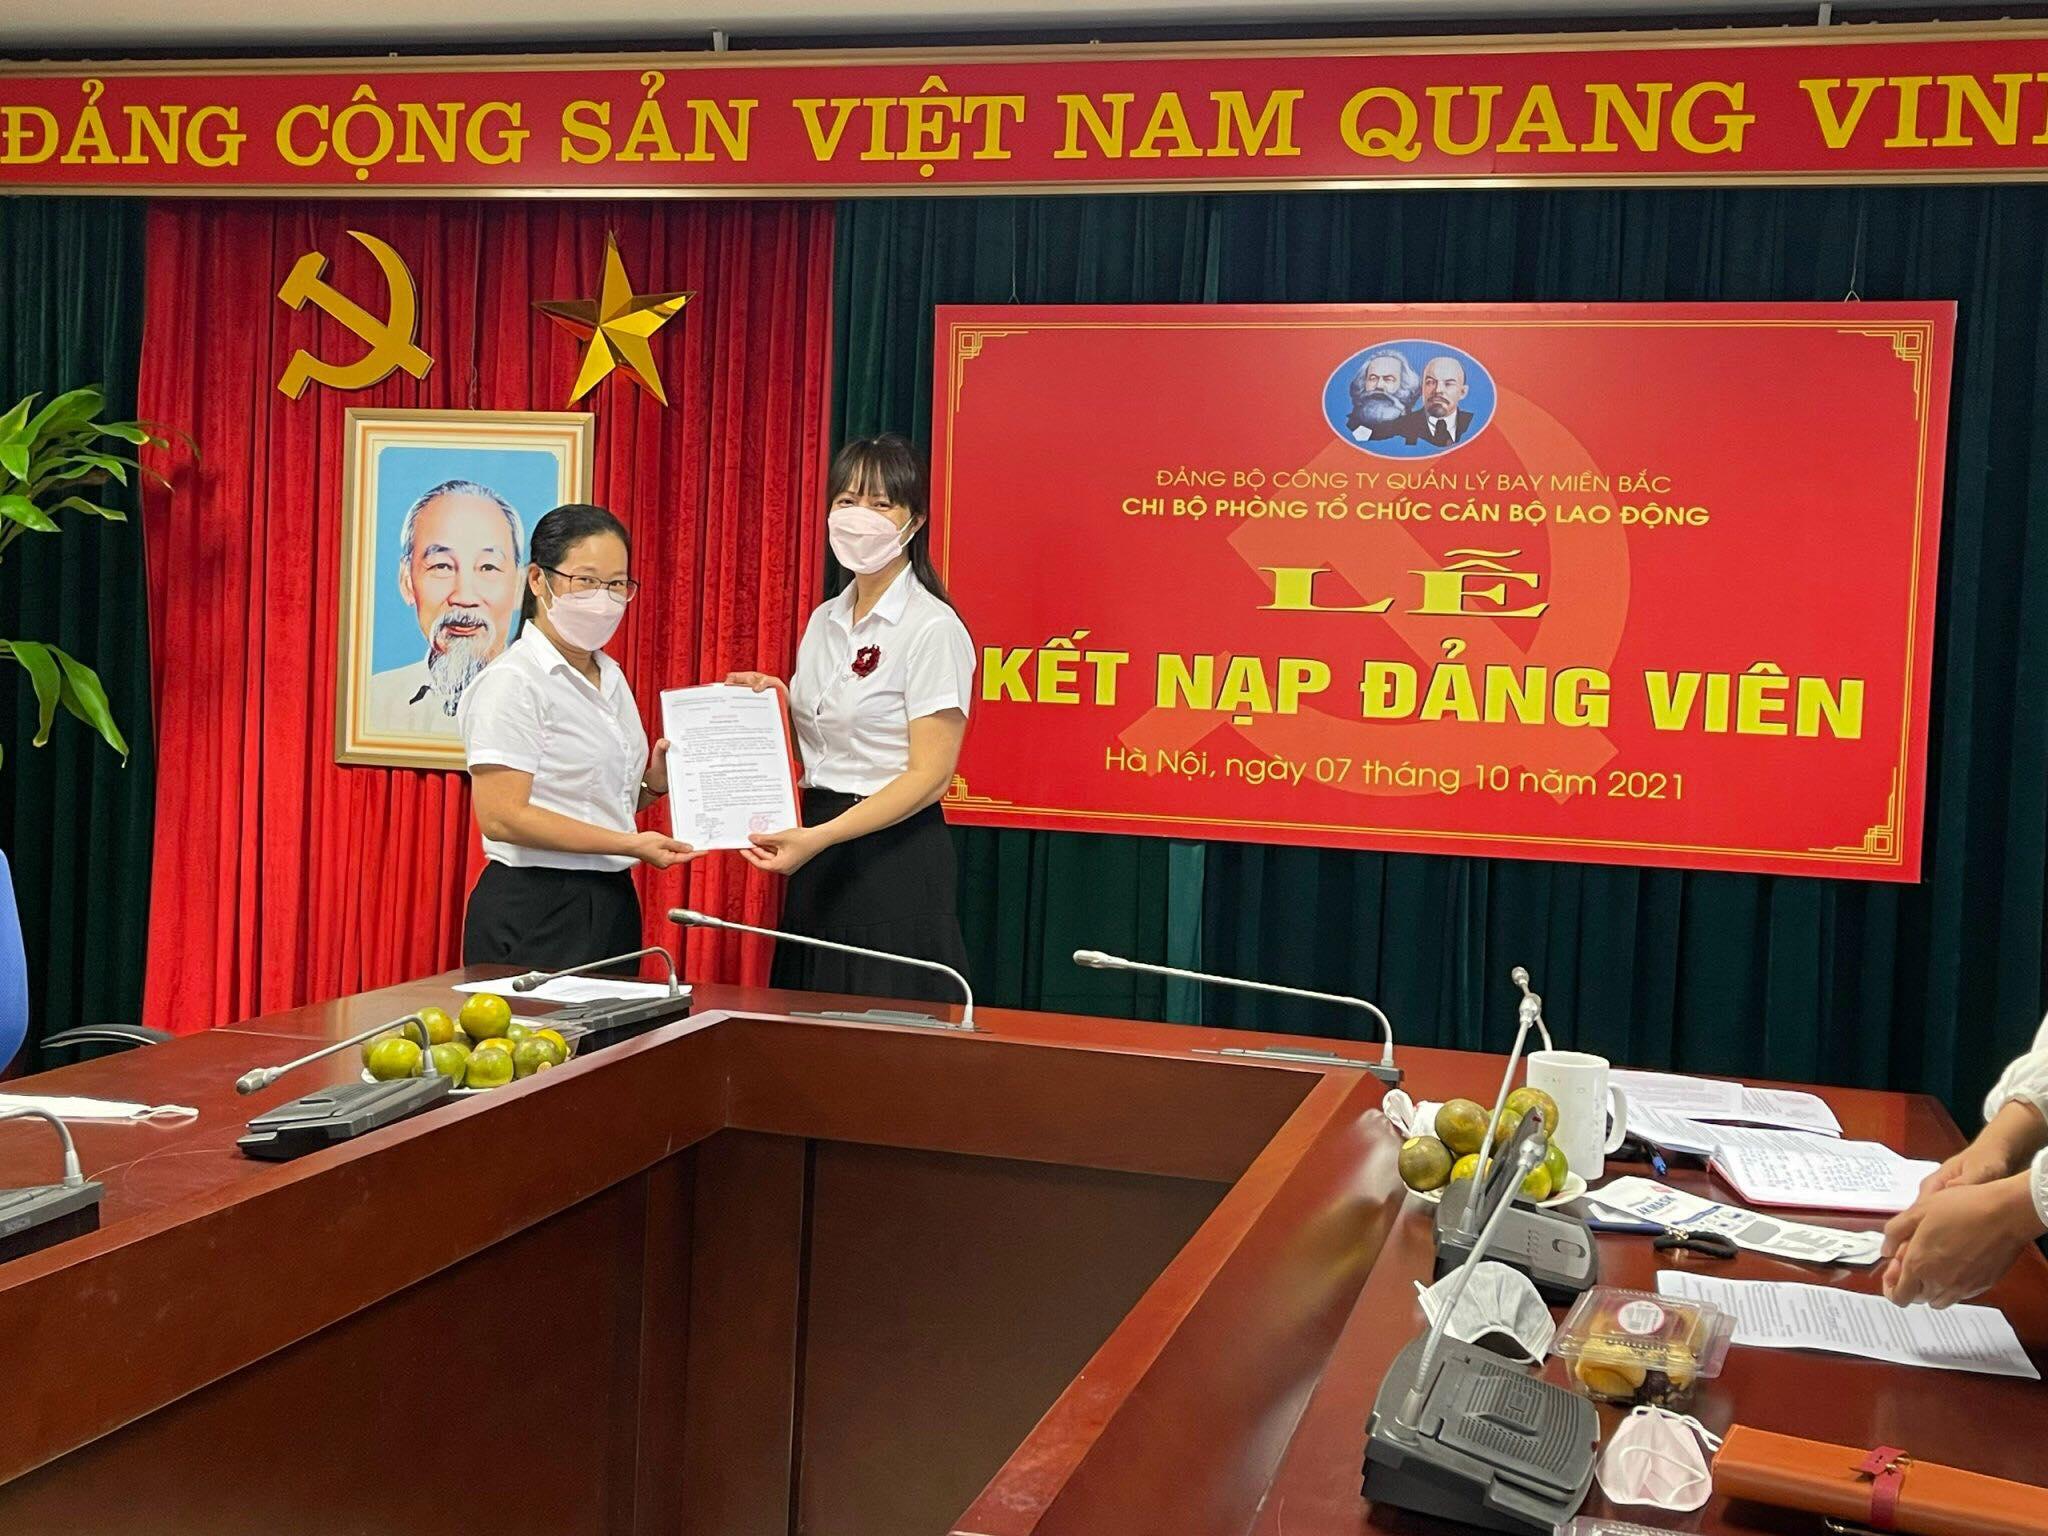 Chi bộ Phòng Tổ chức cán bộ - Lao động, Công ty Quản lý bay miền Bắc tổ chức Lễ kết nạp đảng viên mới